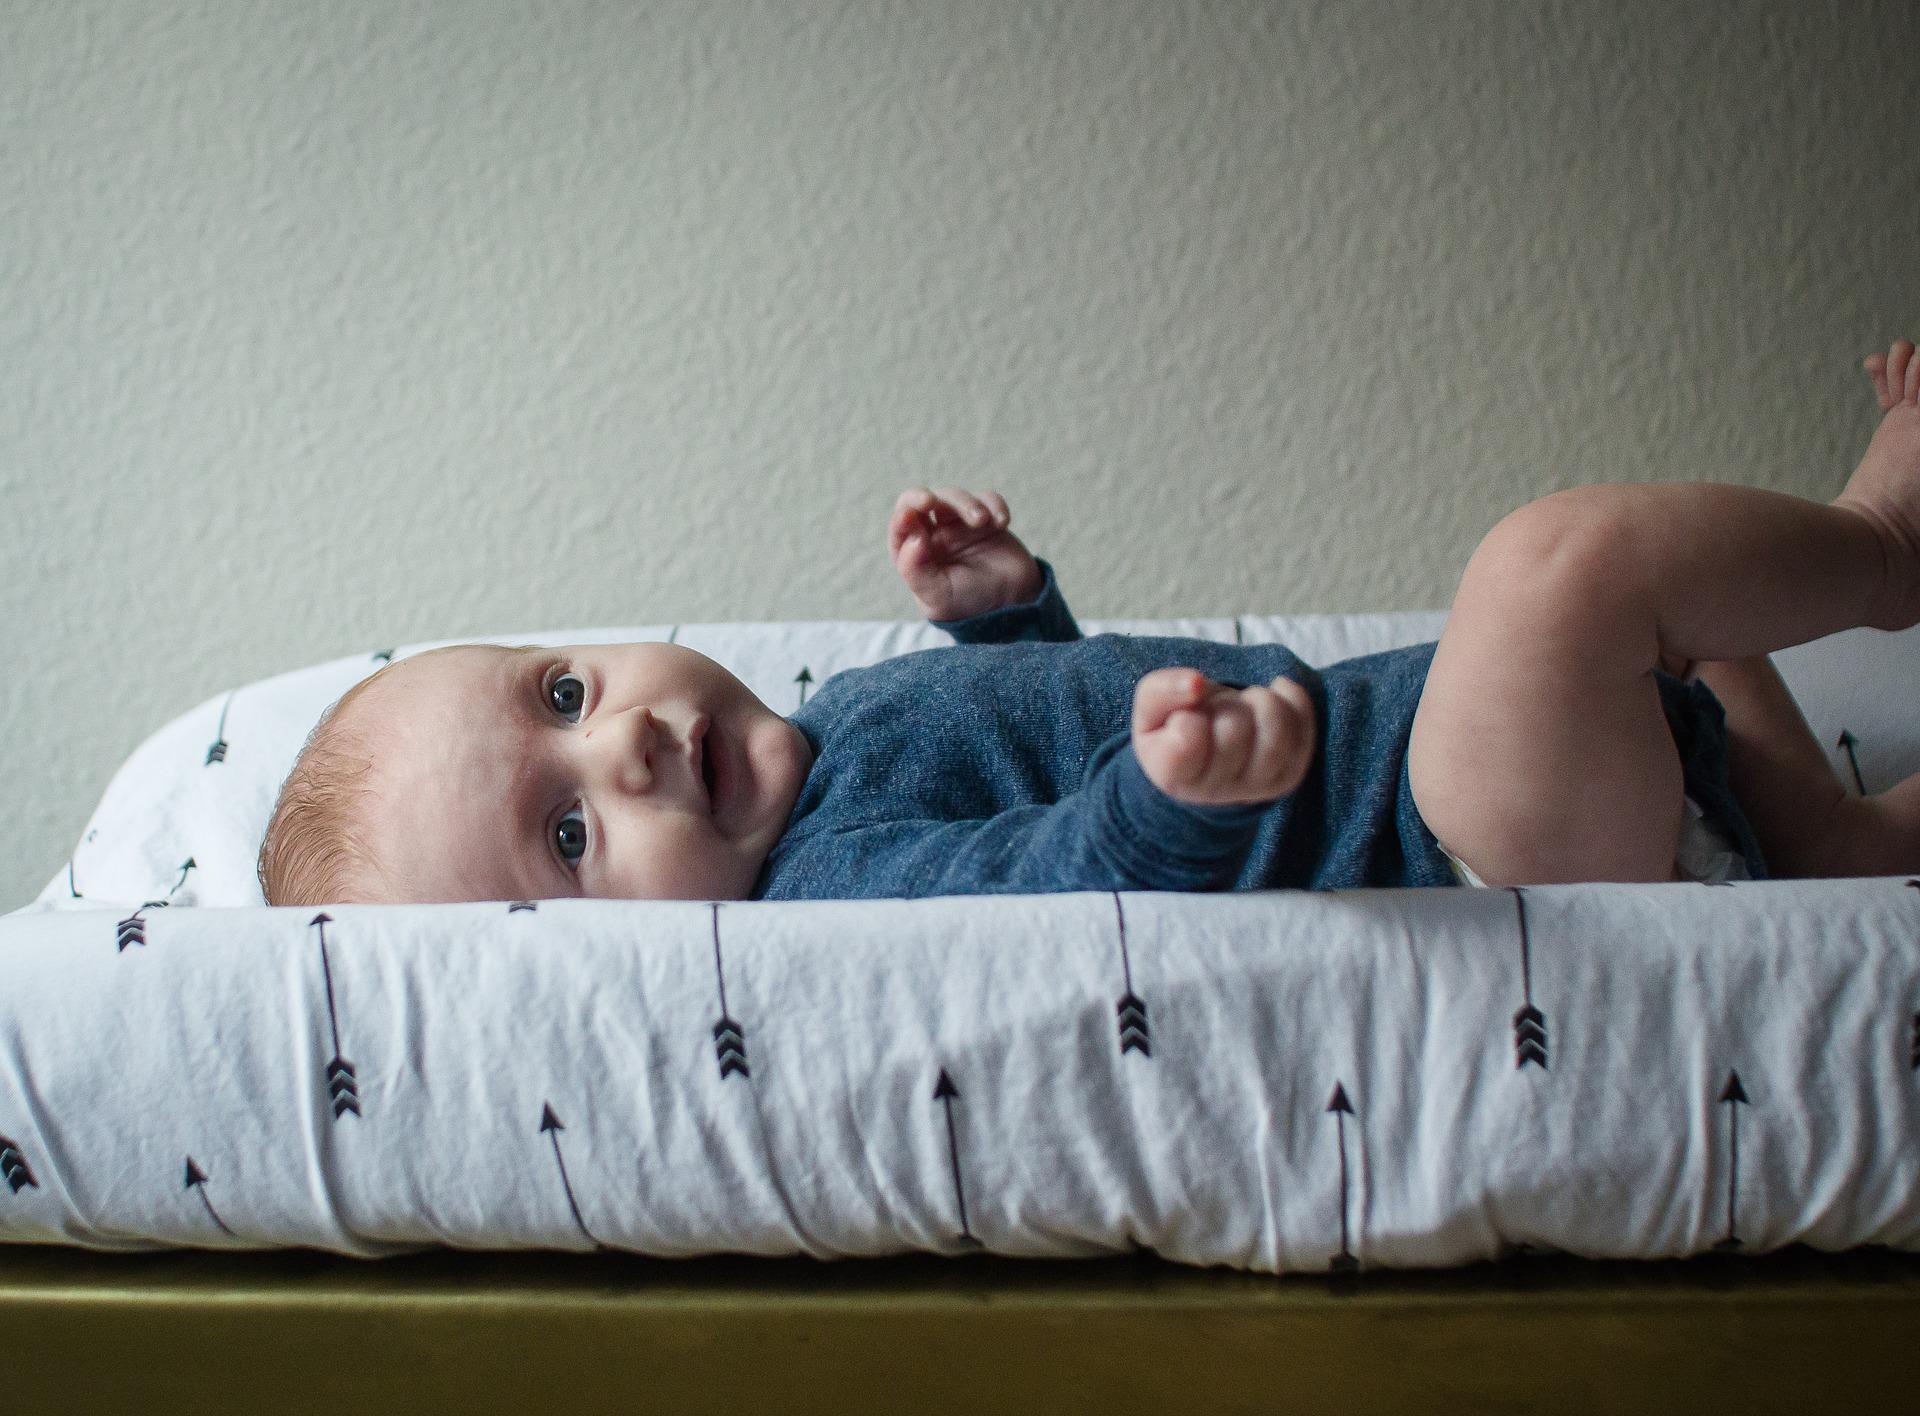 Bebê no trocador de fraldas.